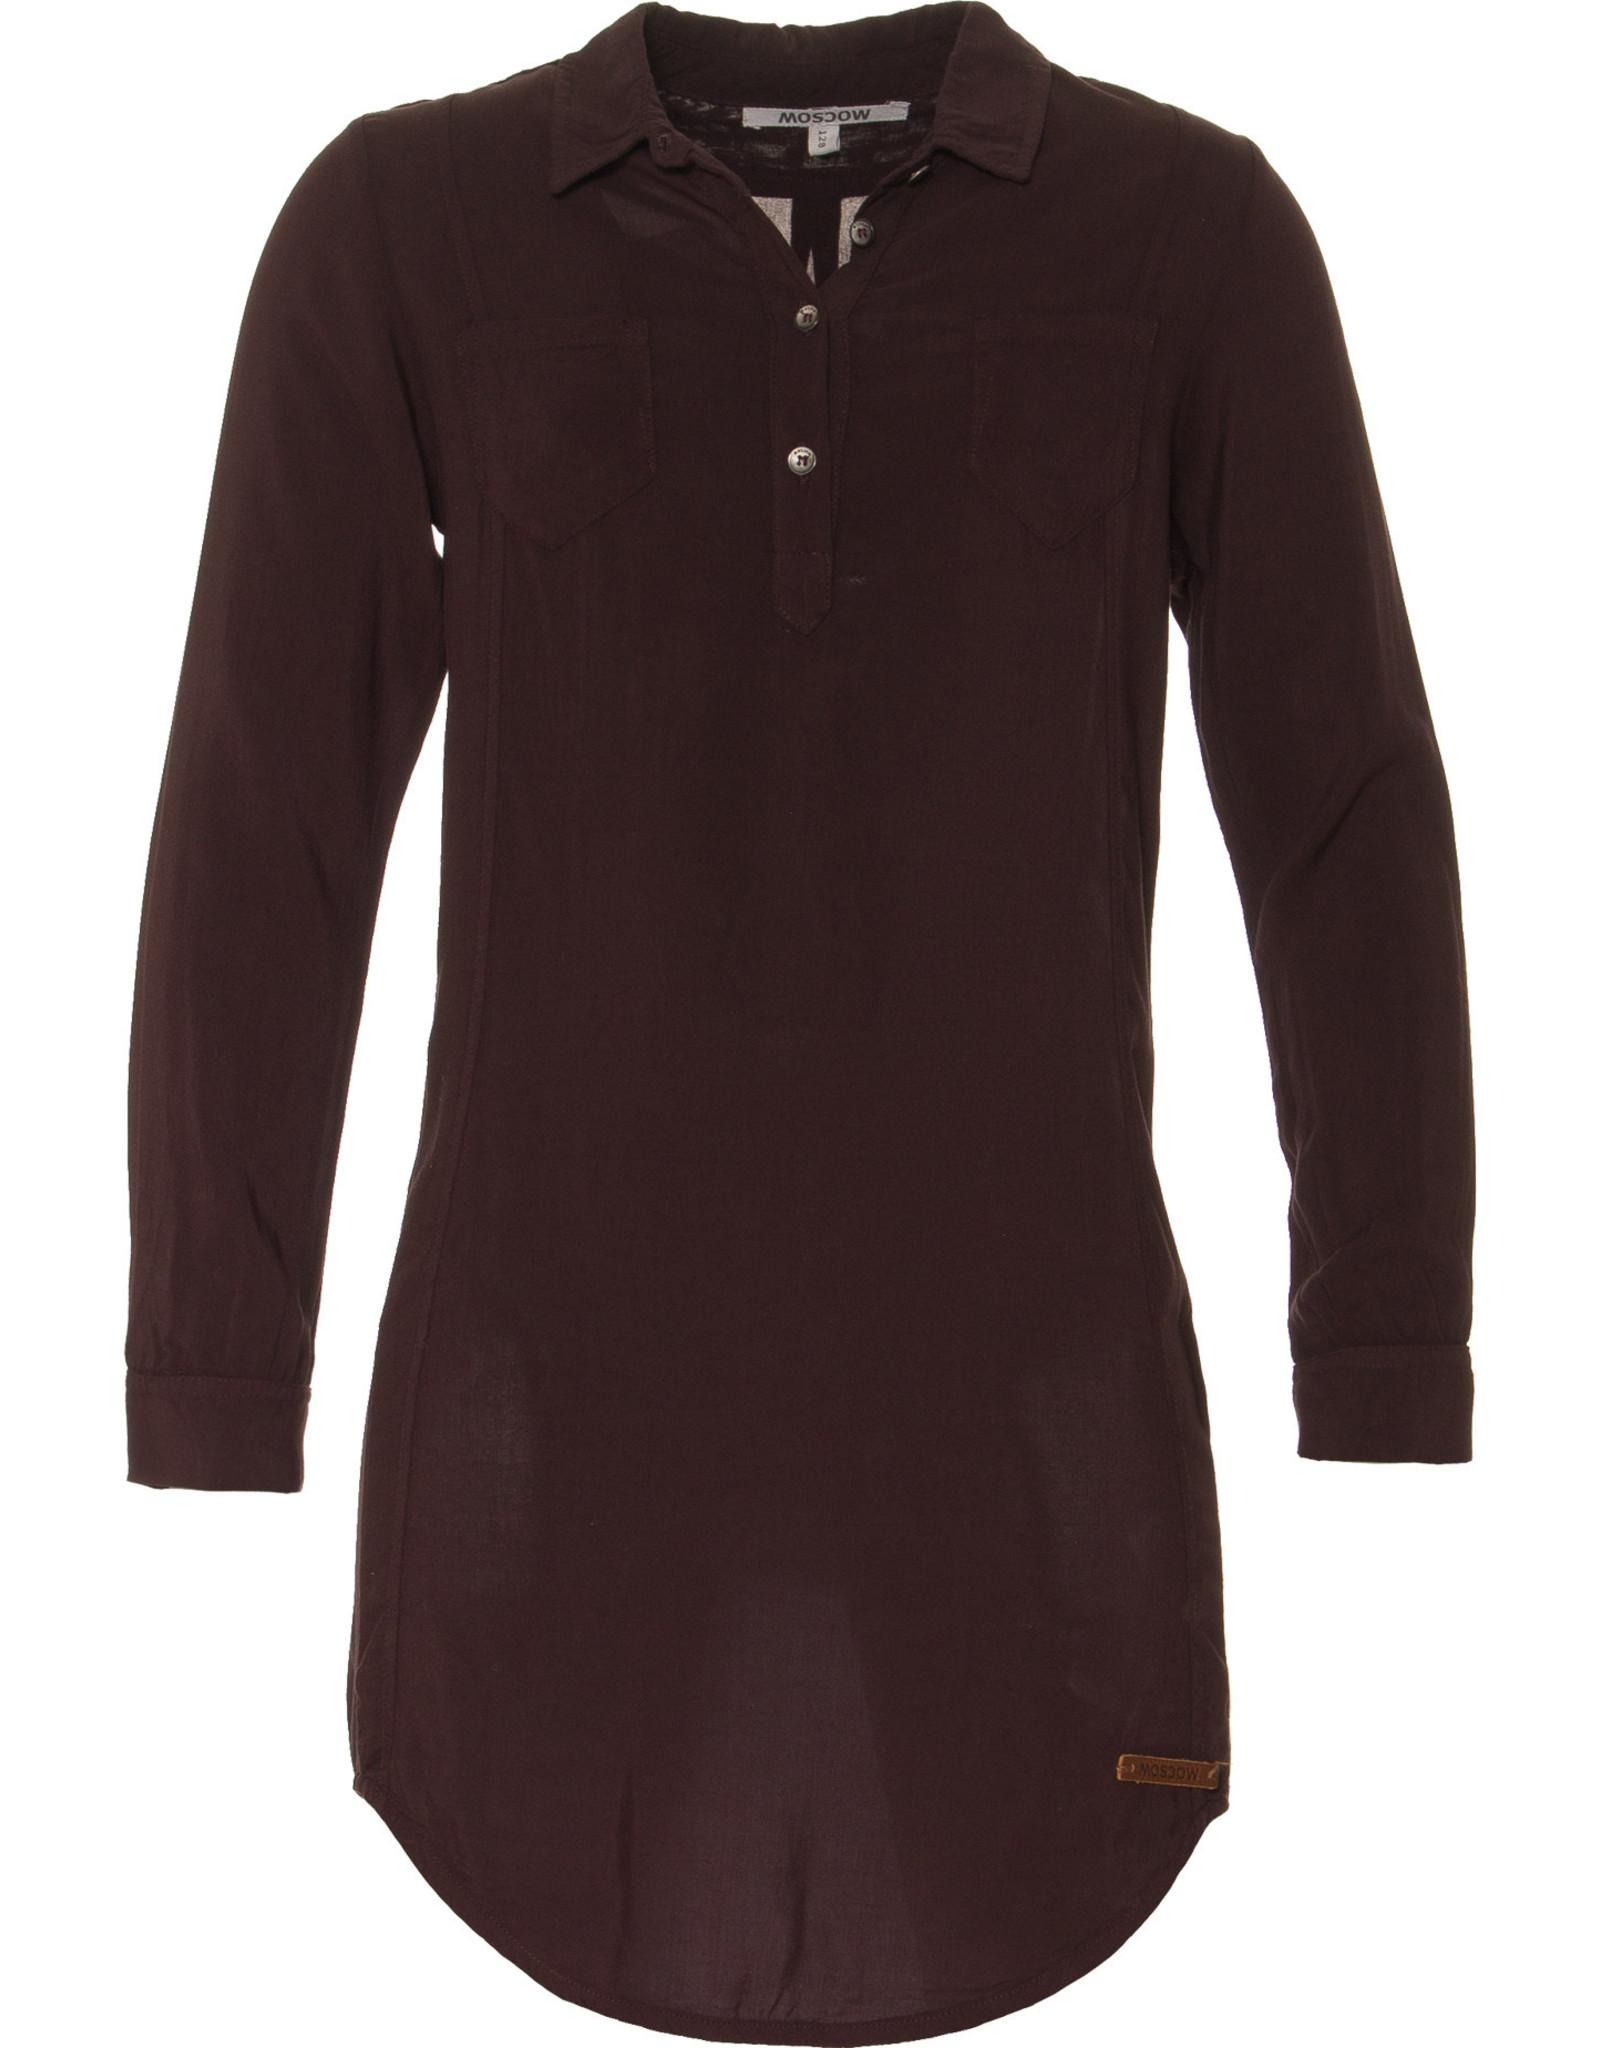 Moscow Shirt Dress